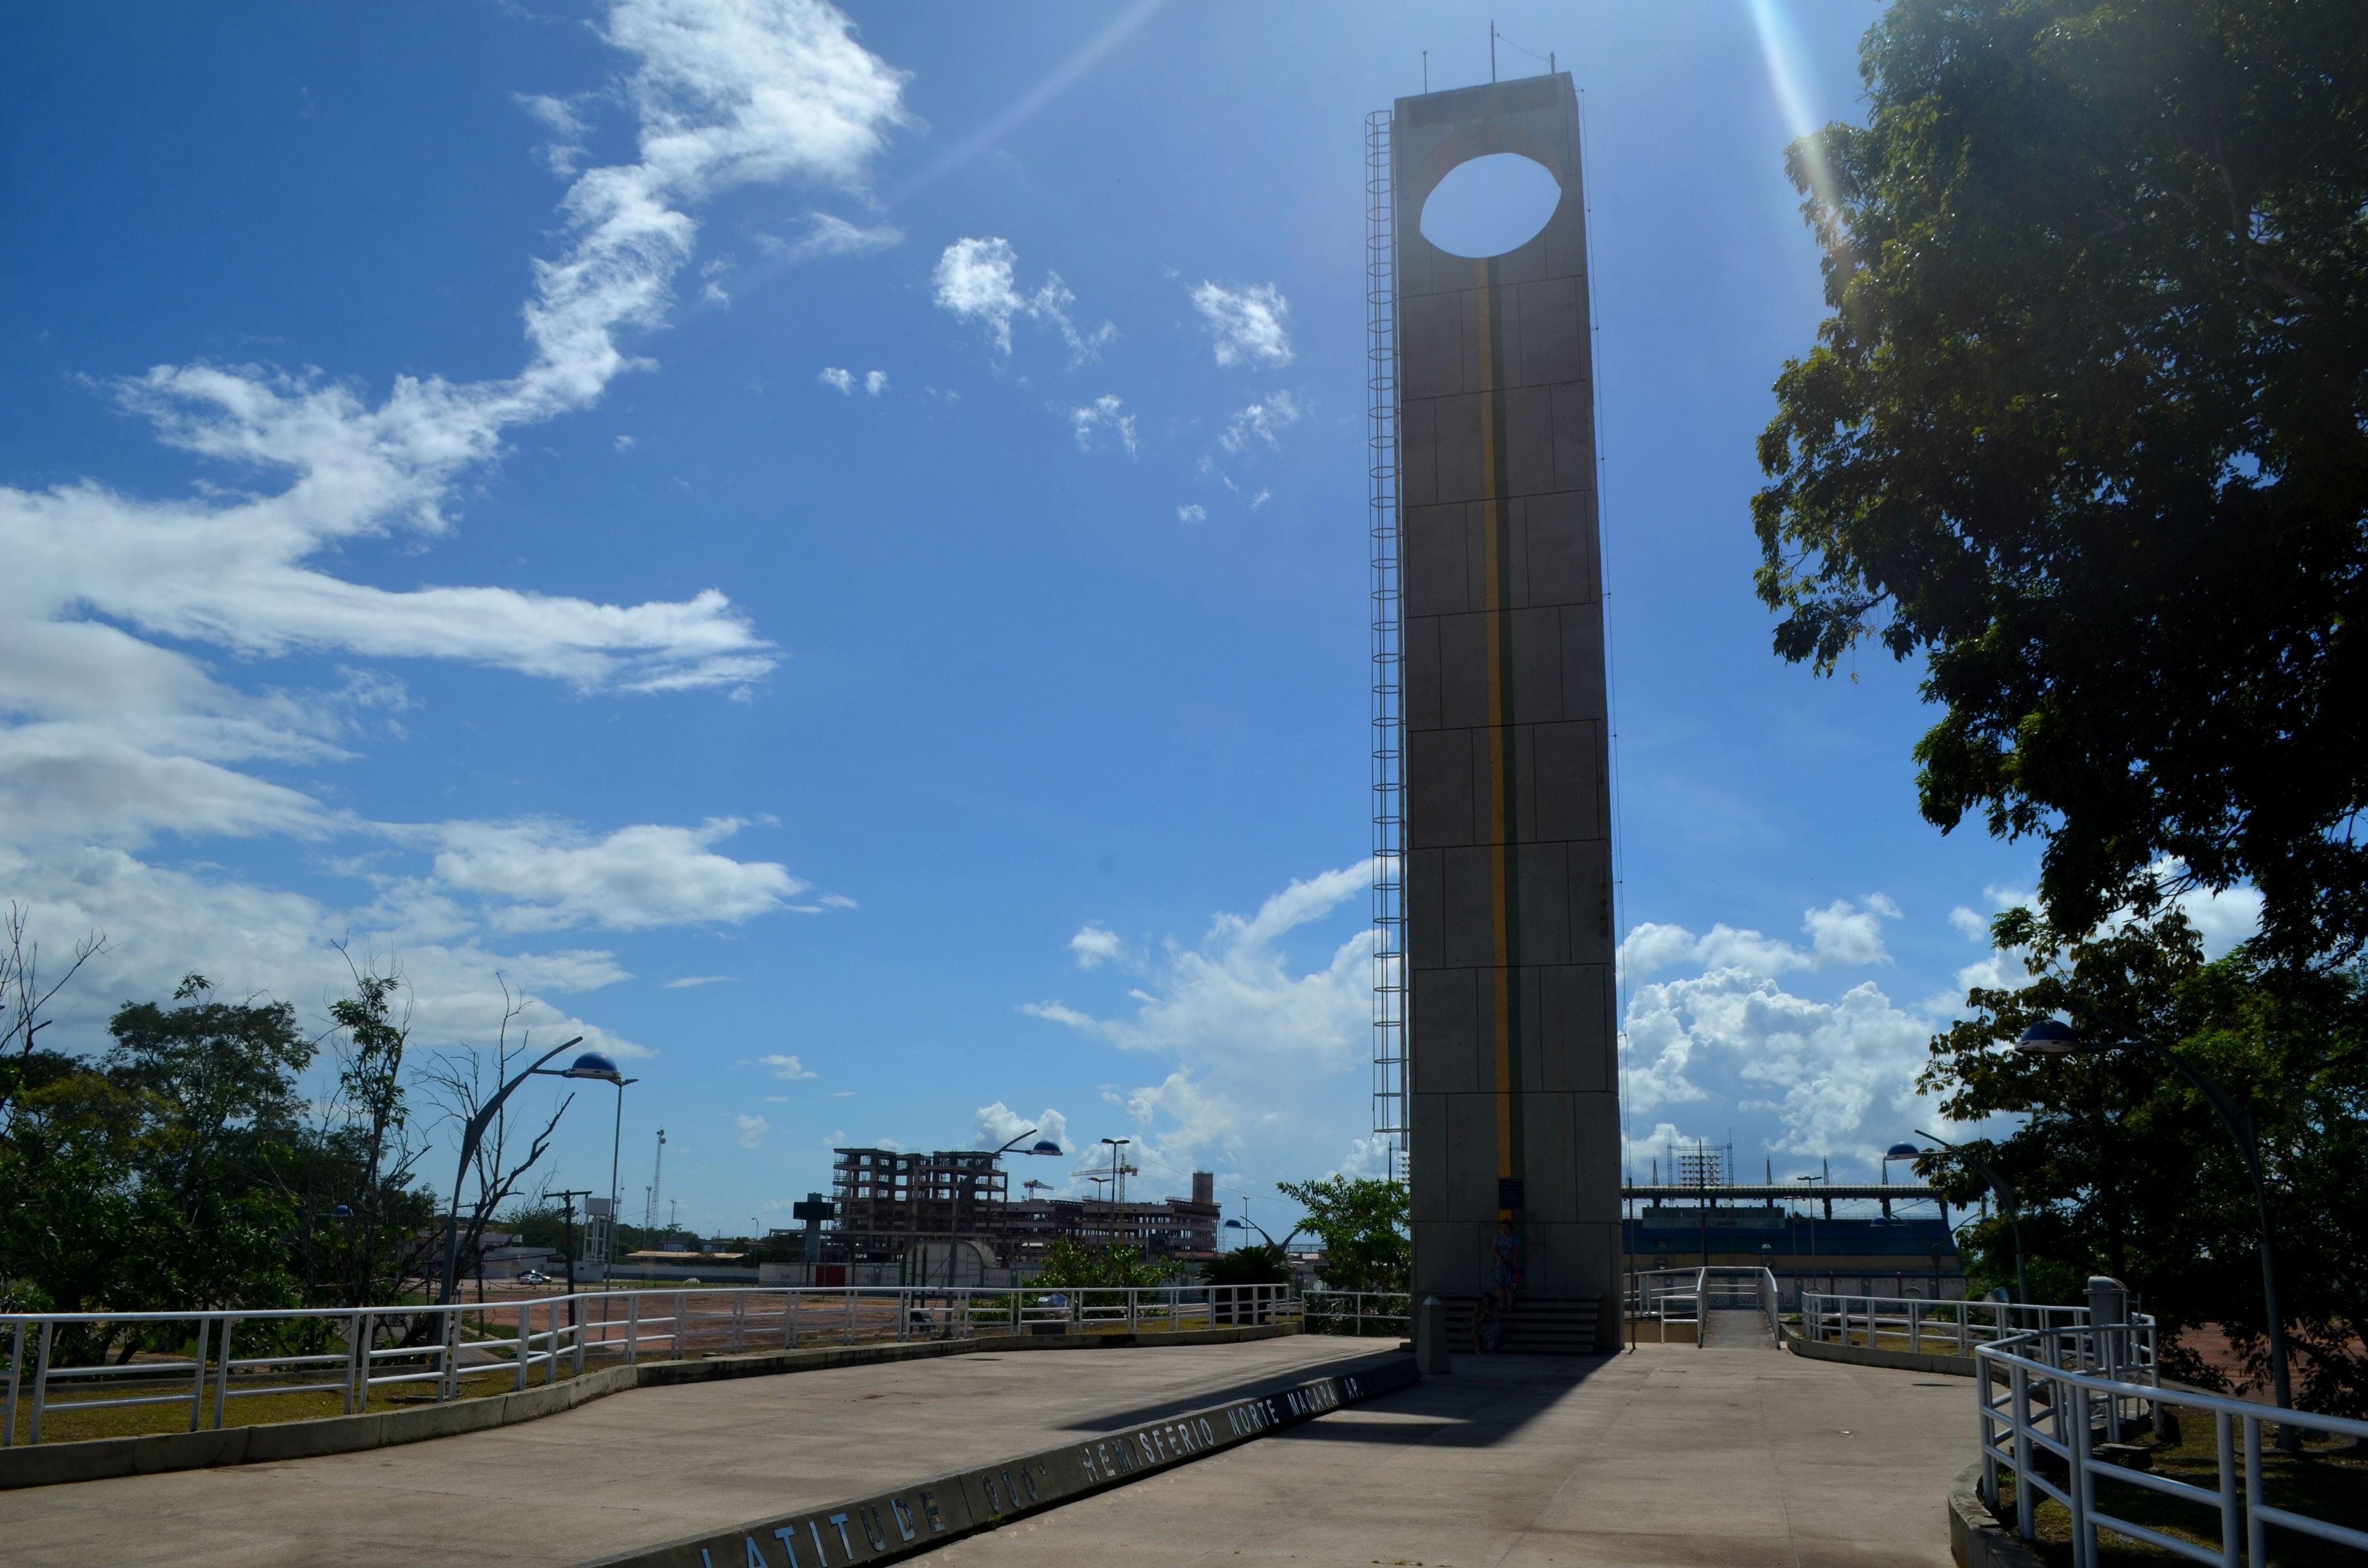 Evento celebra chegada do Equinócio com apresentações artísticas e artesanato, no Amapá - Notícias - Plantão Diário